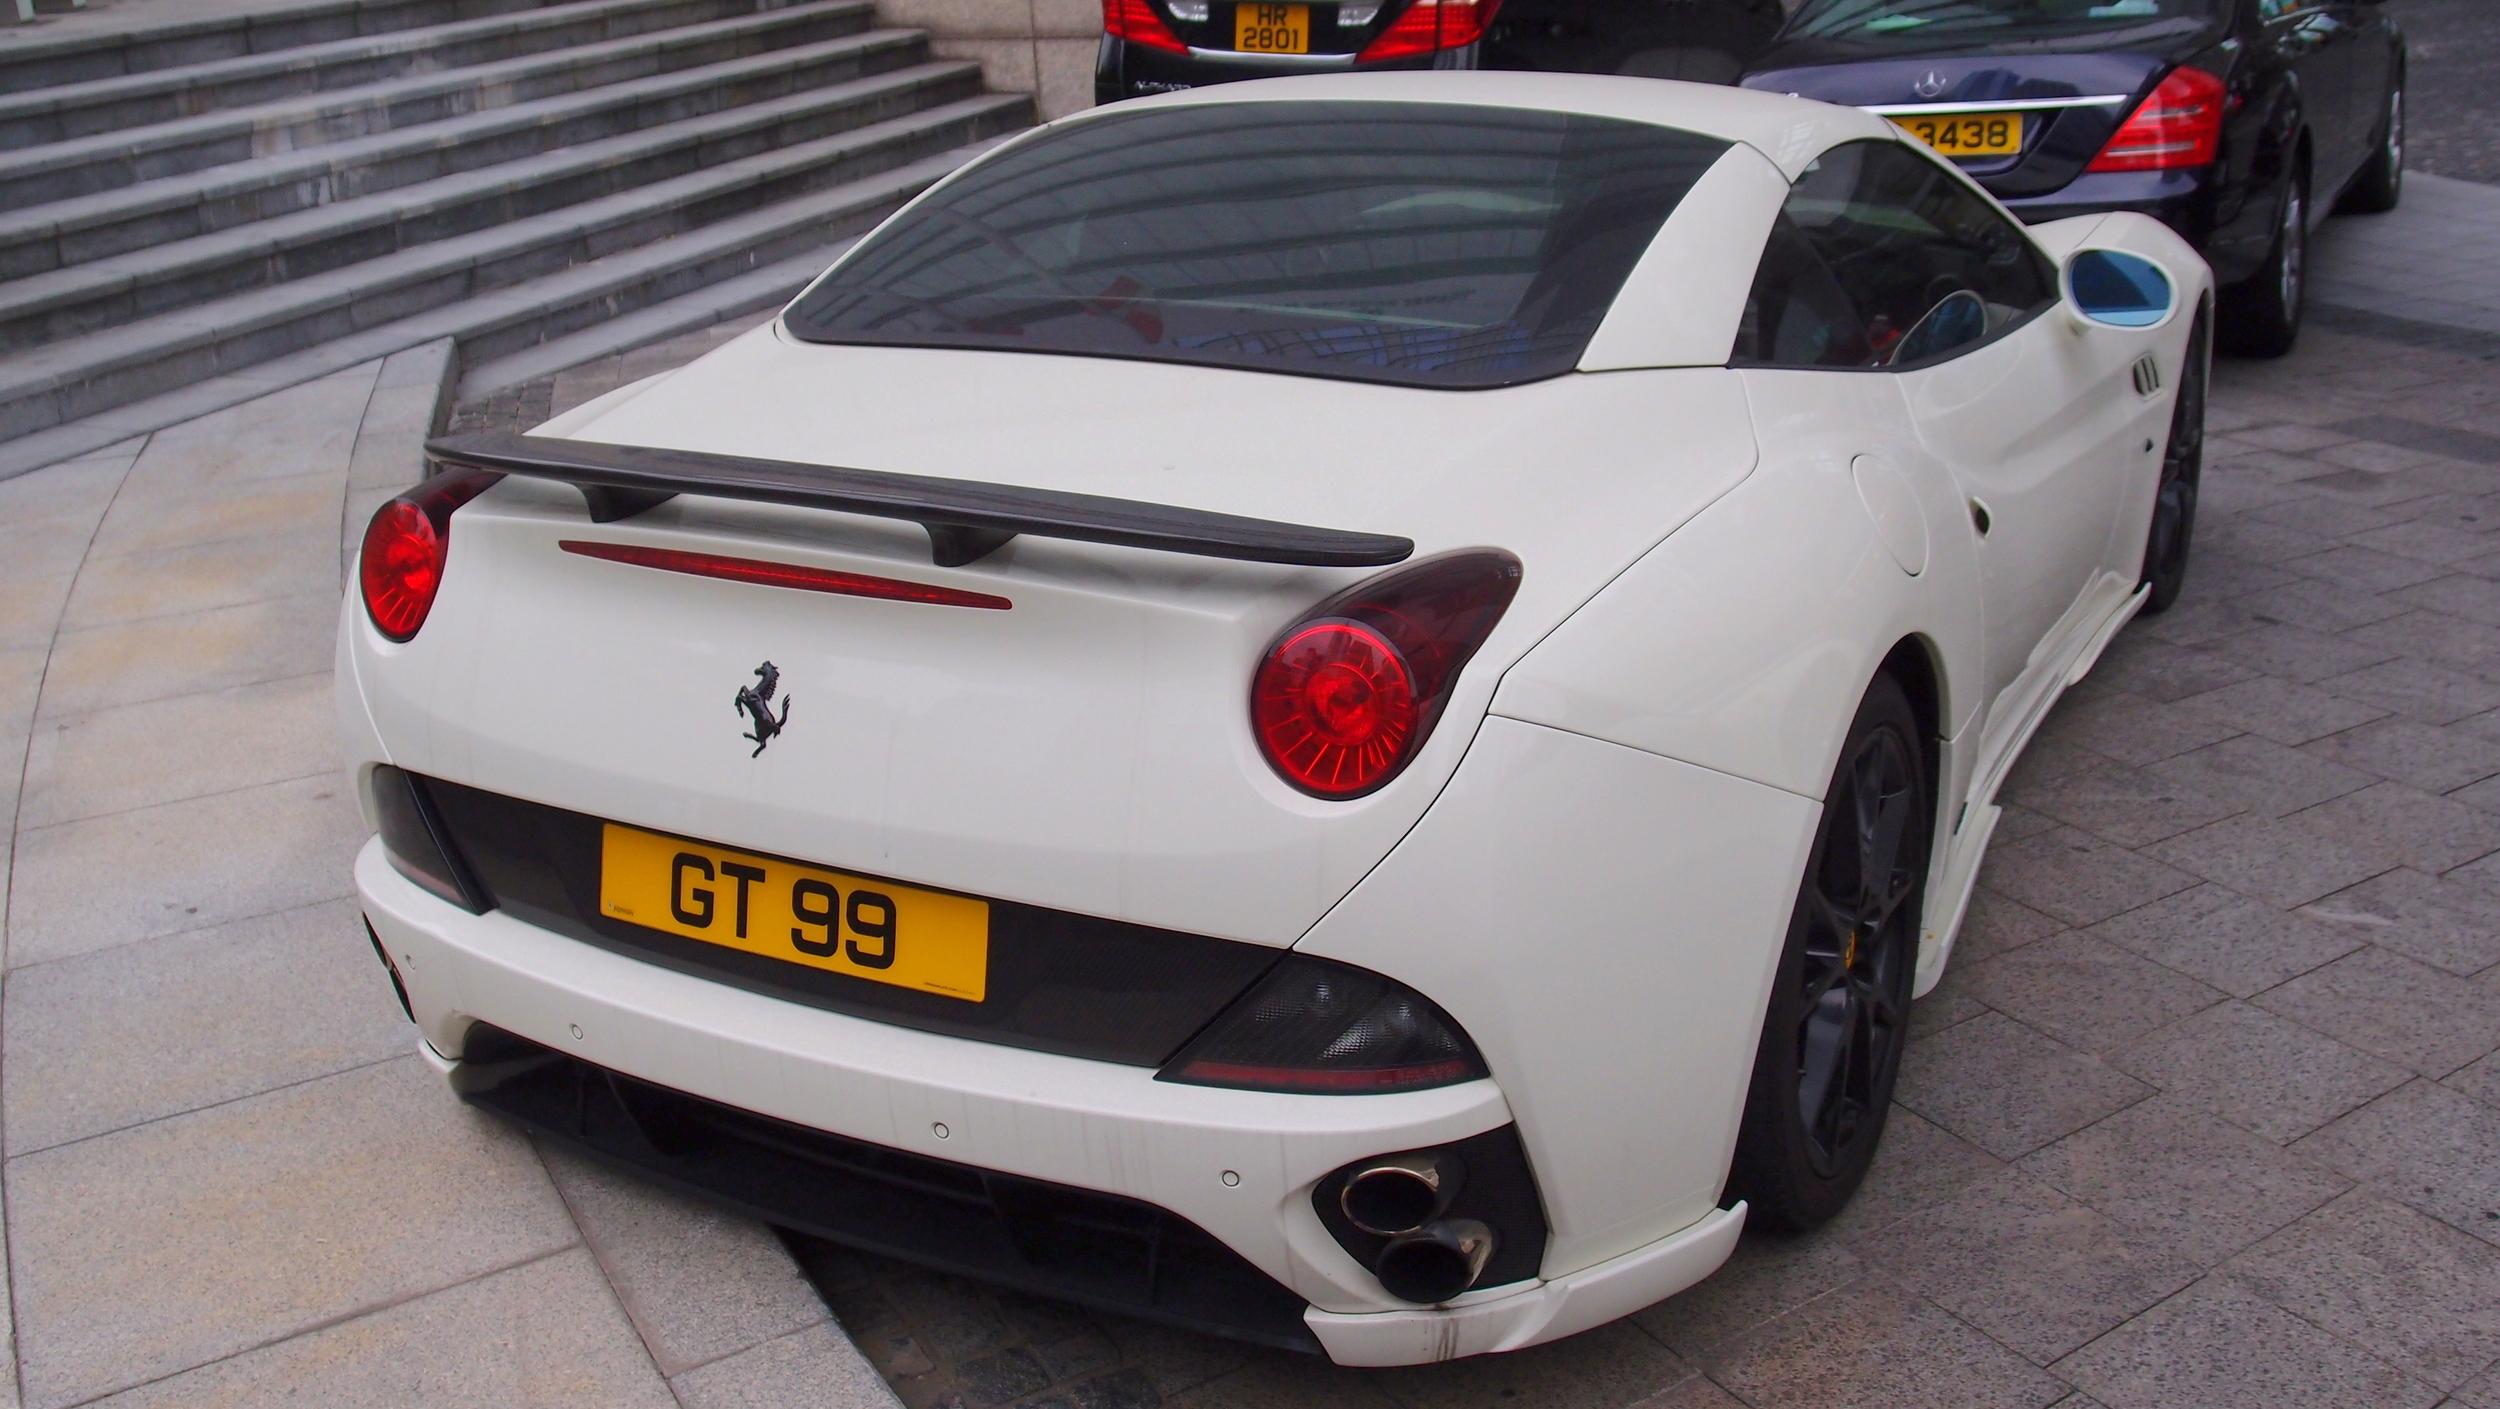 Lovely white Ferrari